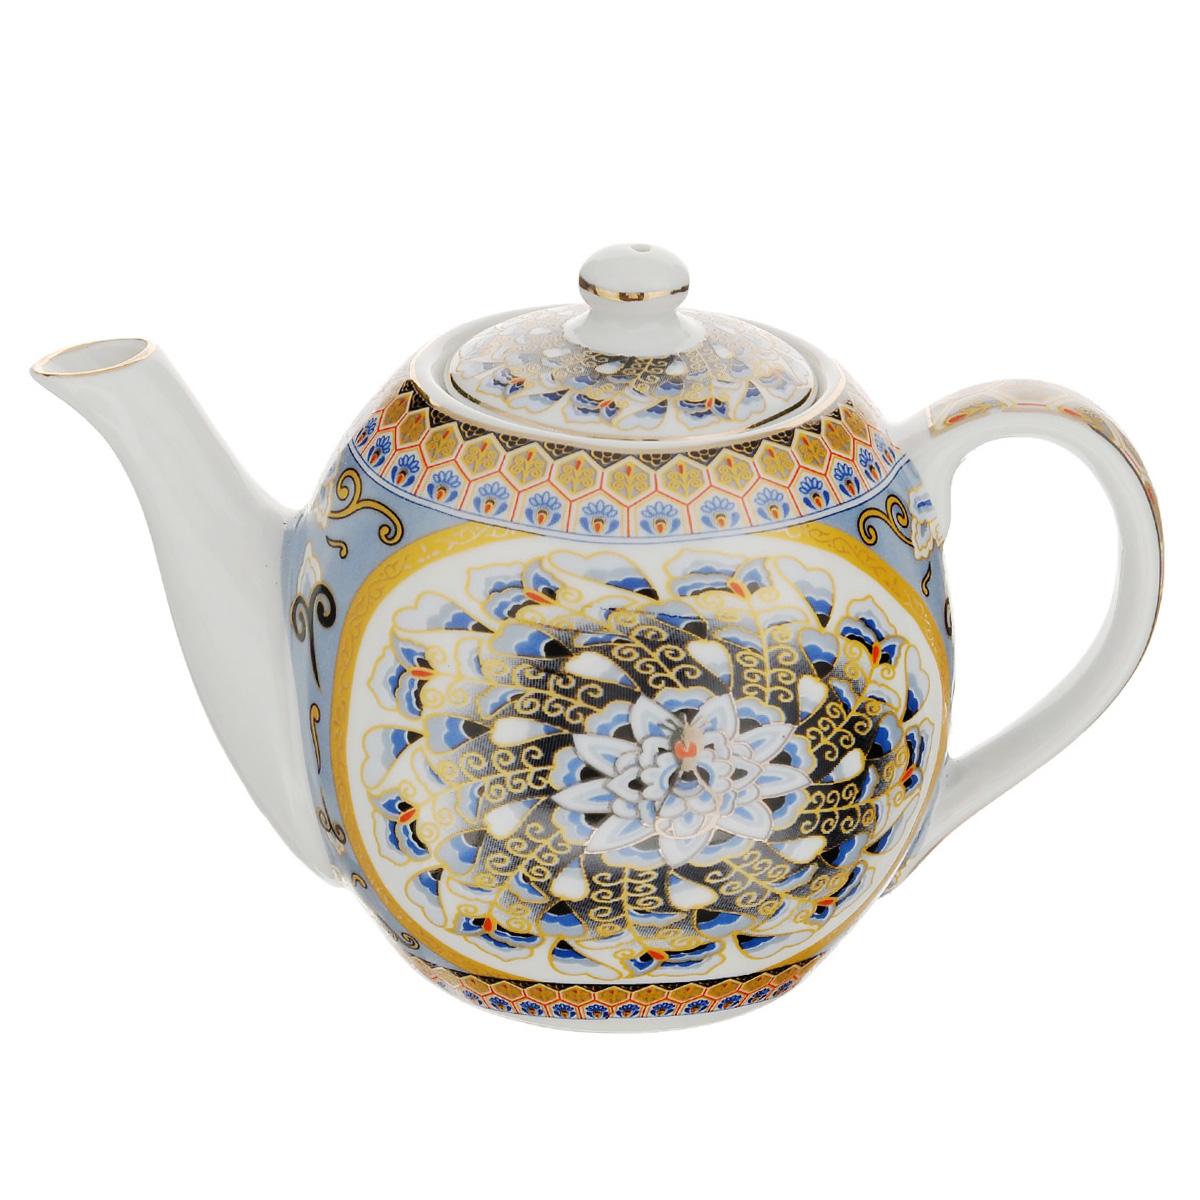 Чайник заварочный Saguro Перо павлина, 470 мл543-285Заварочный чайник Saguro Перо павлина изготовлен из высококачественного фарфора и покрыт слоем сверкающей глазури. Посуда оформлена изысканными узорами в виде перьев павлина и эмалью золотистого цвета. Такой чайник прекрасно дополнит сервировку стола к чаепитию и станет его неизменным атрибутом. Не использовать в микроволновой печи. Объем: 470 мл. Диаметр (по верхнему краю): 6 см. Высота стенки (без учета крышки): 9 см.